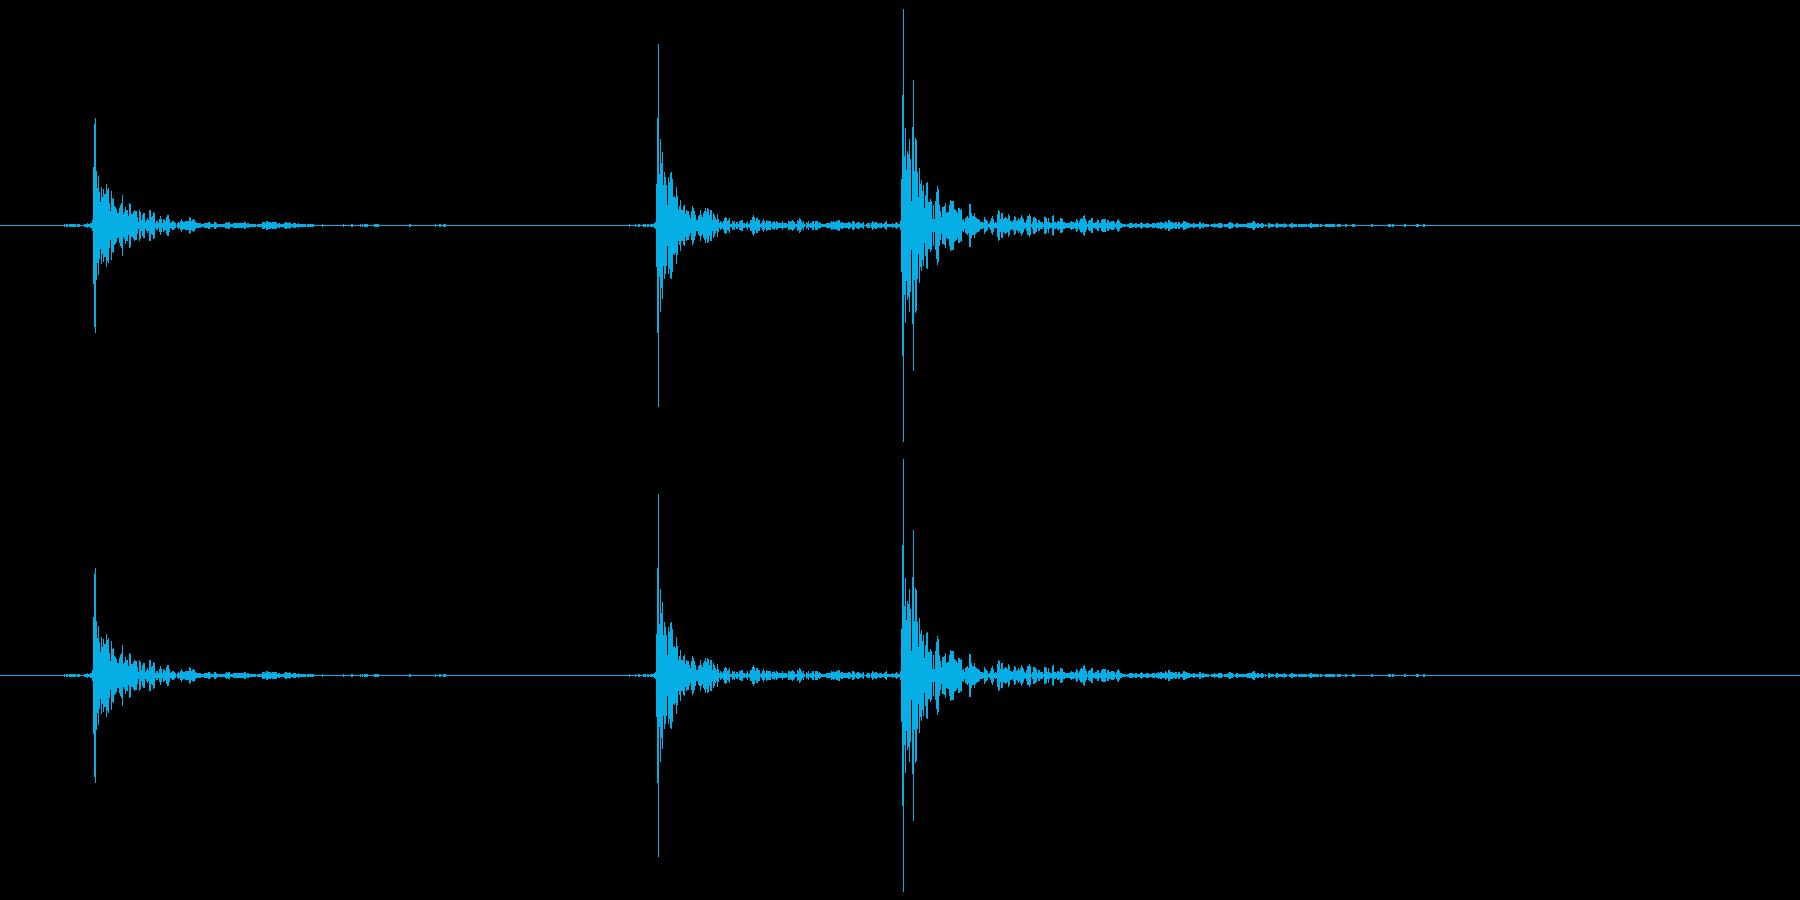 軋む(床など) ギッ、ギギの再生済みの波形